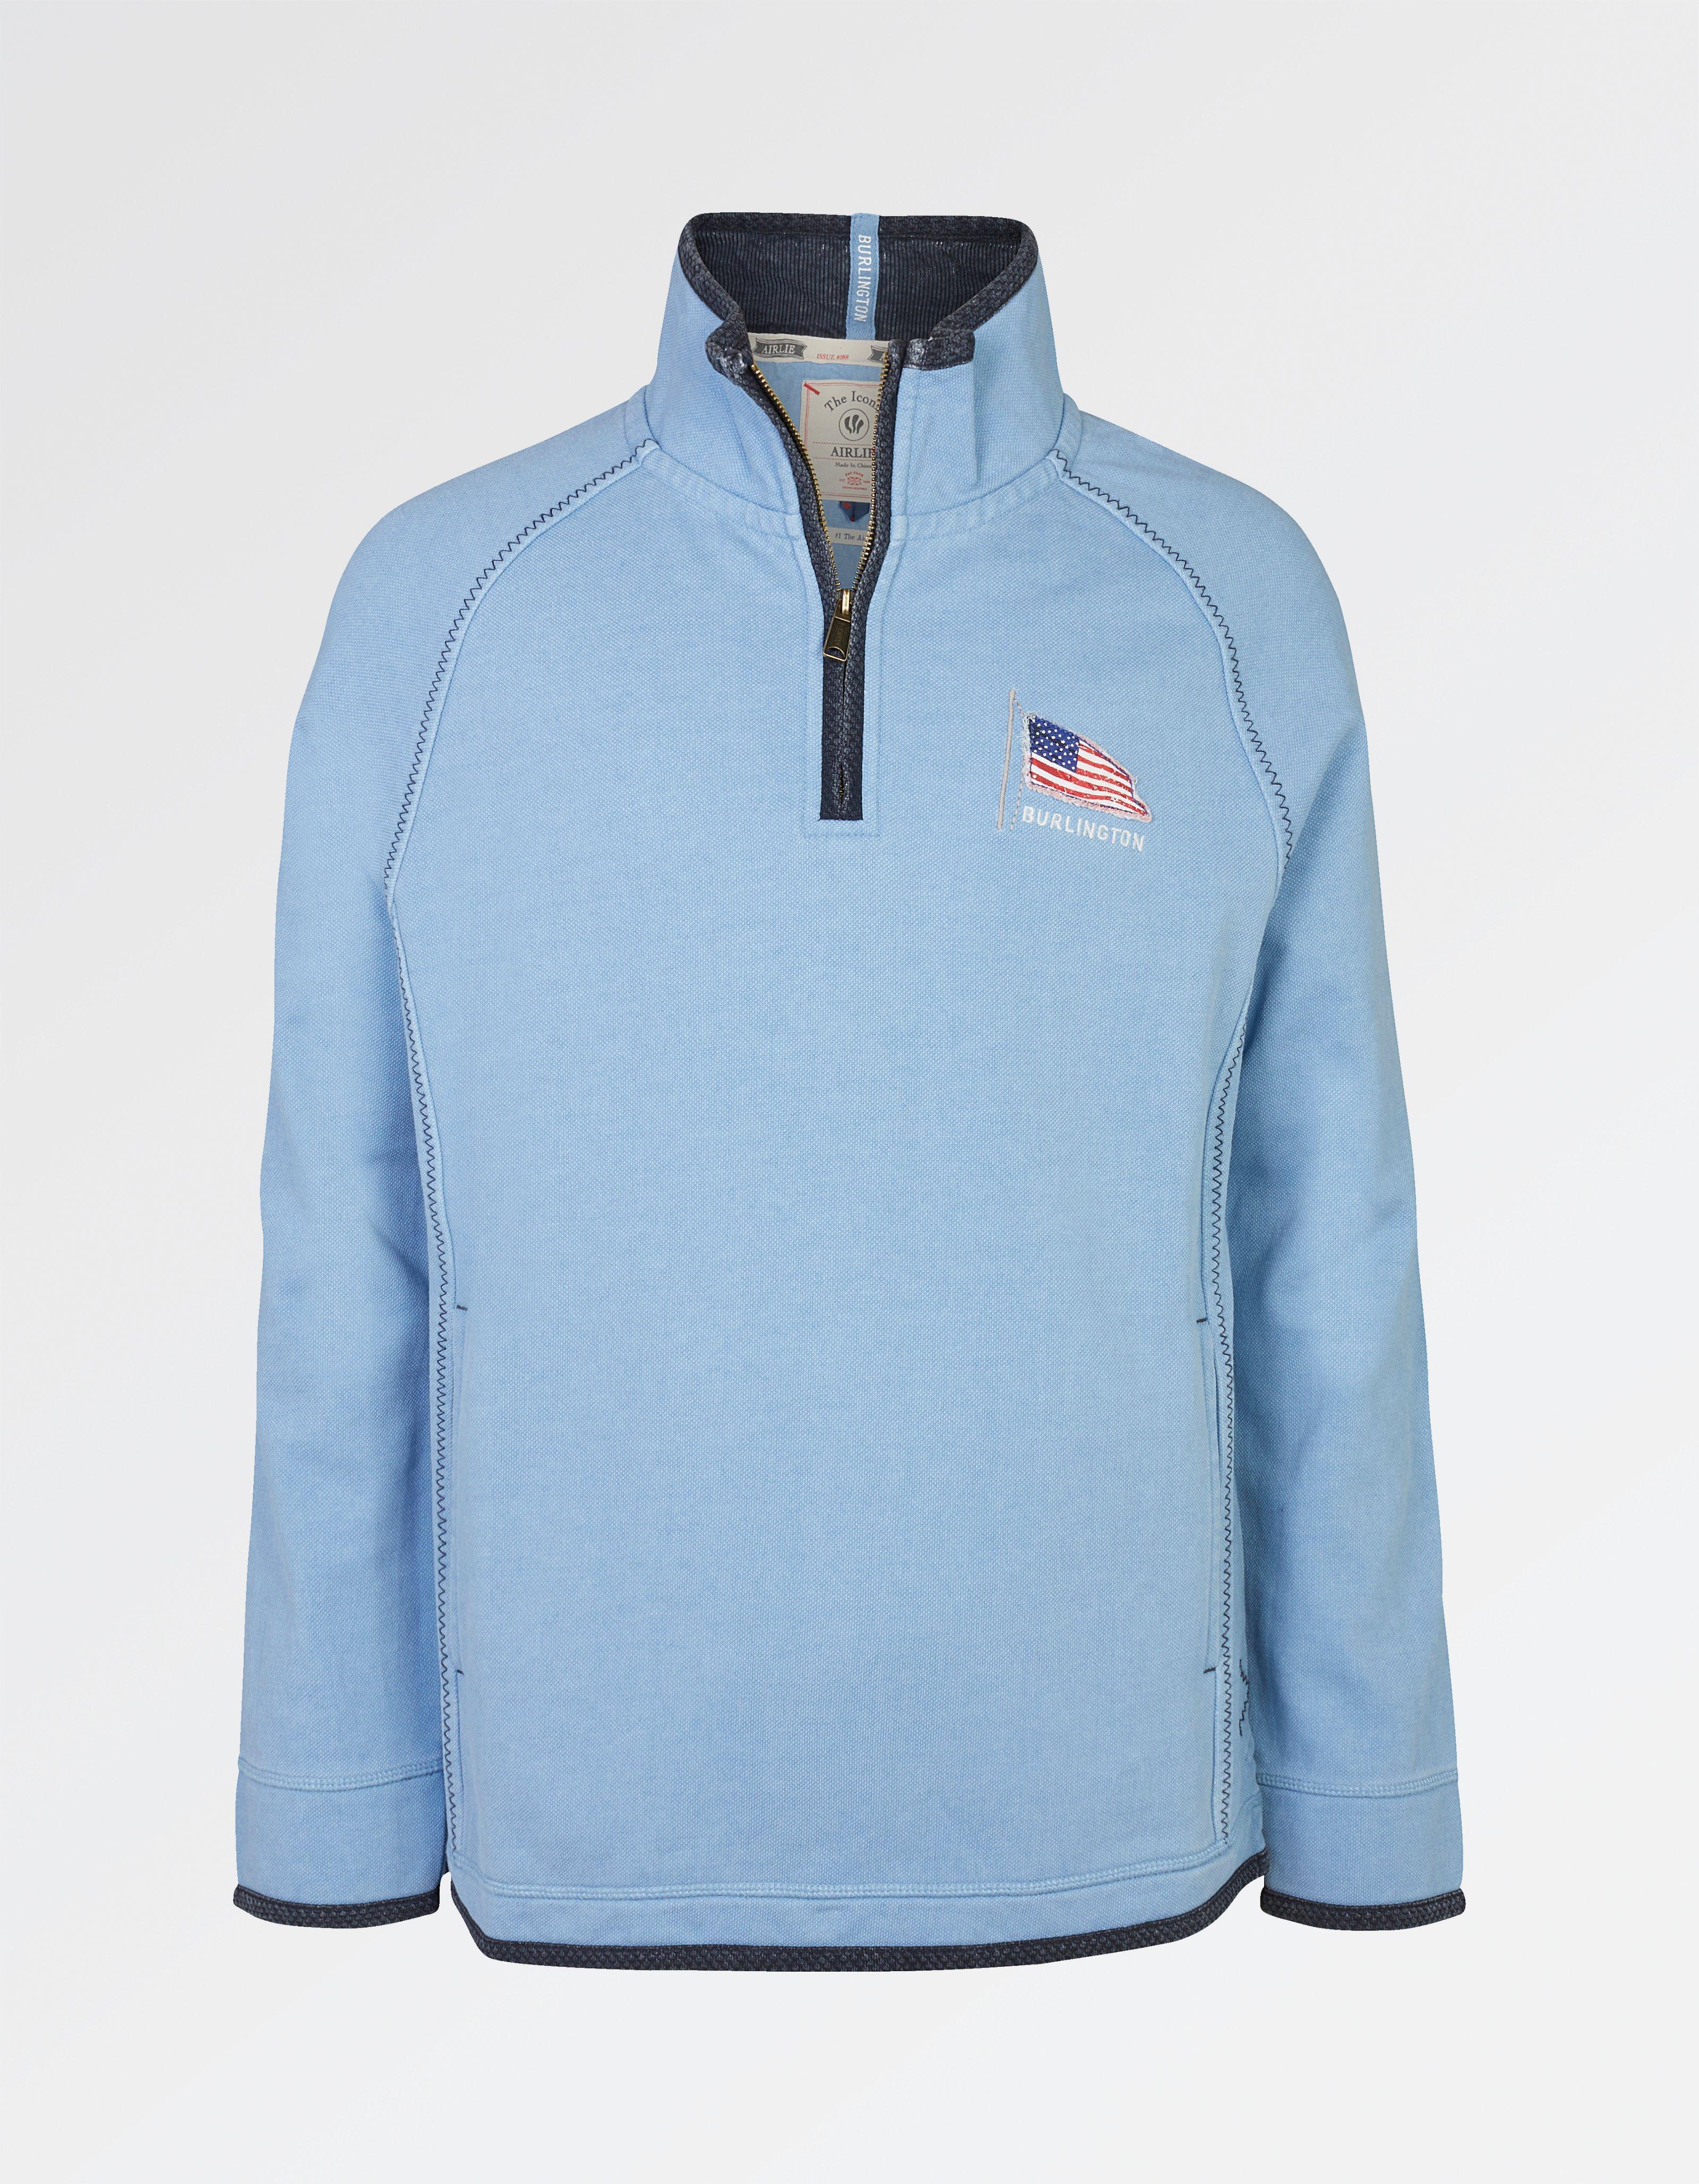 fat face burlington pocket airlie sweatshirt